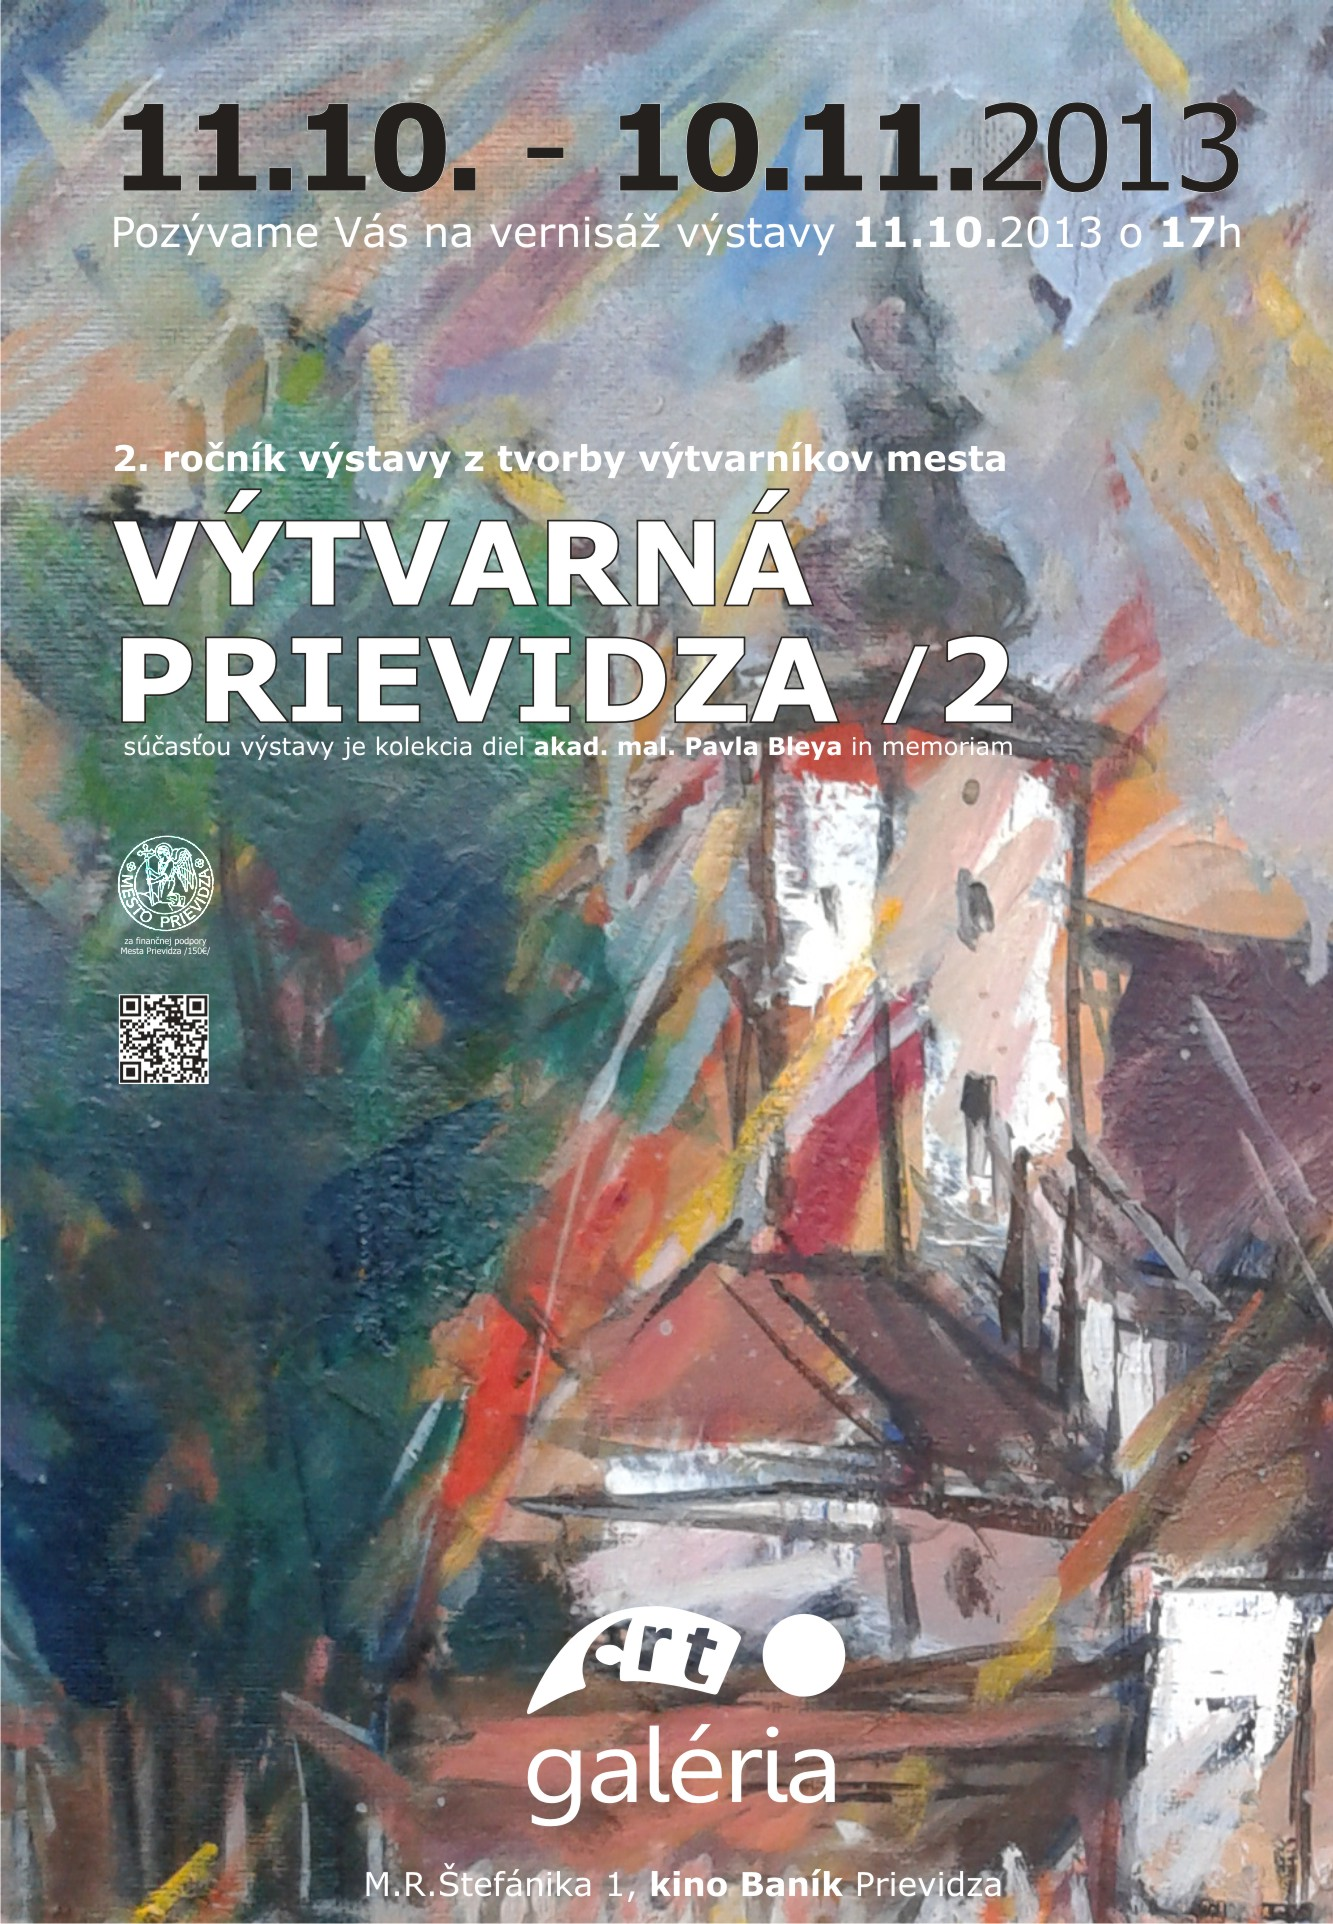 Výtvarná Prievidza /2